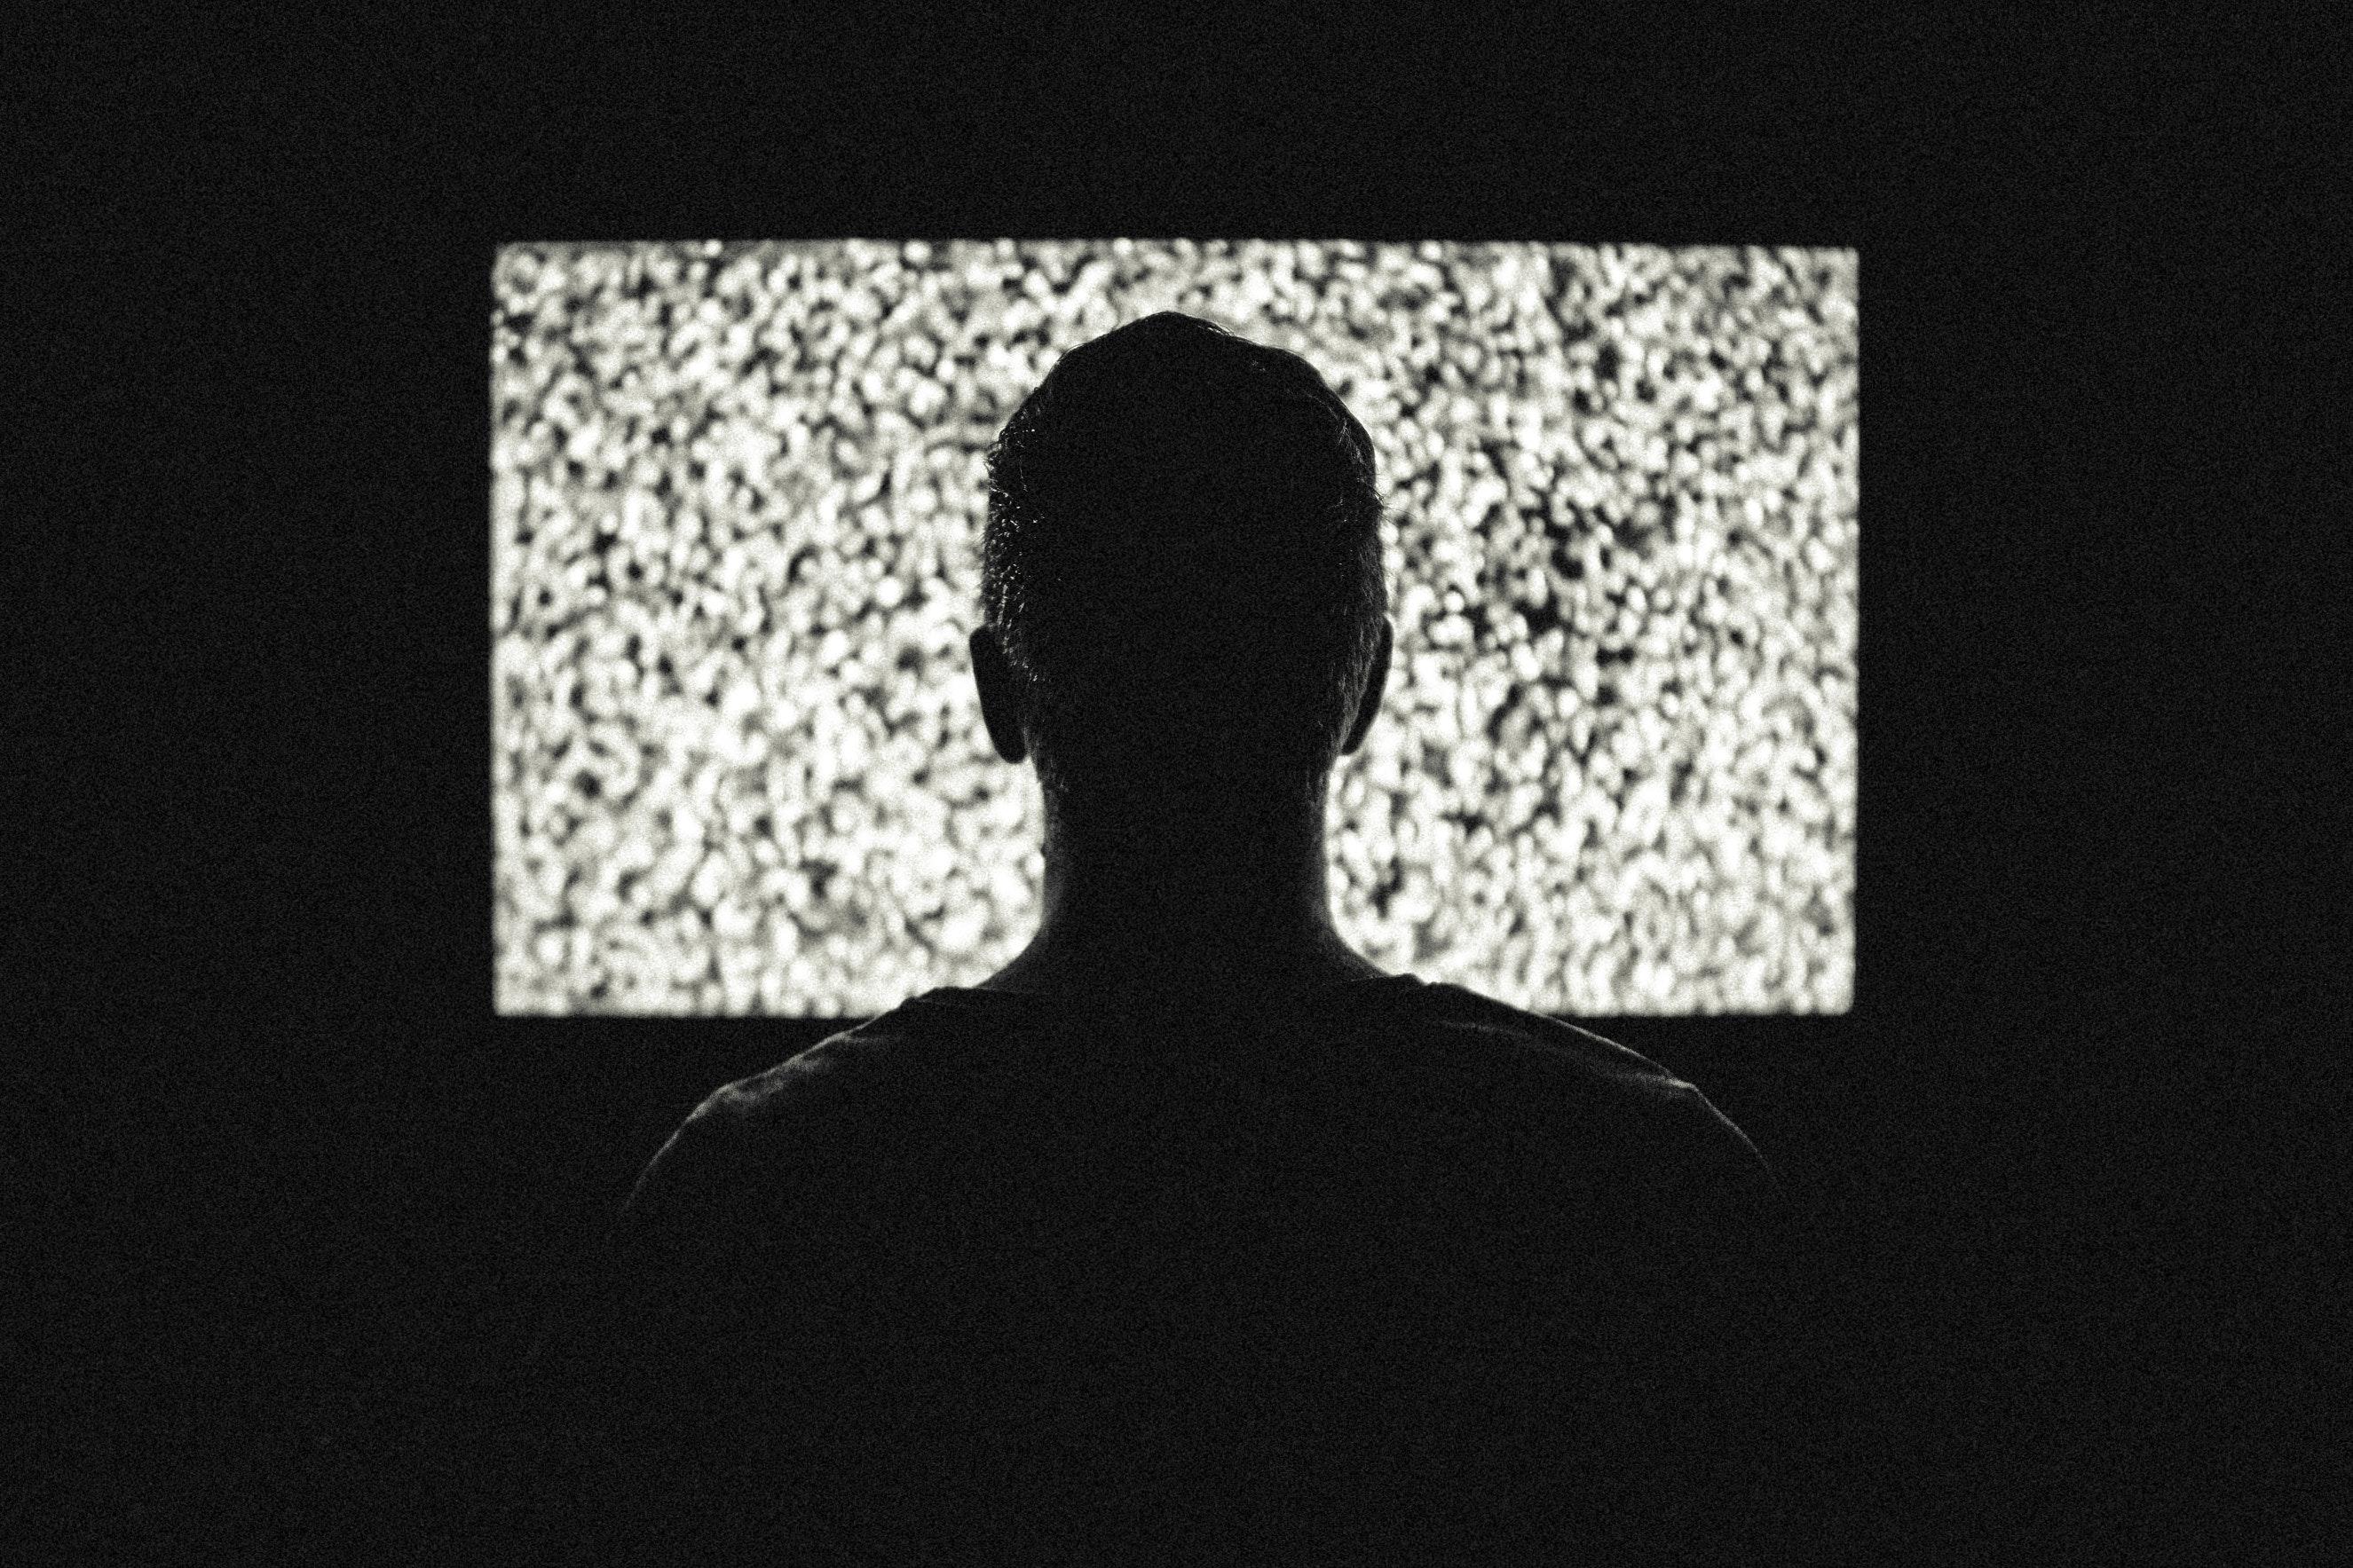 TV met storing; ruis